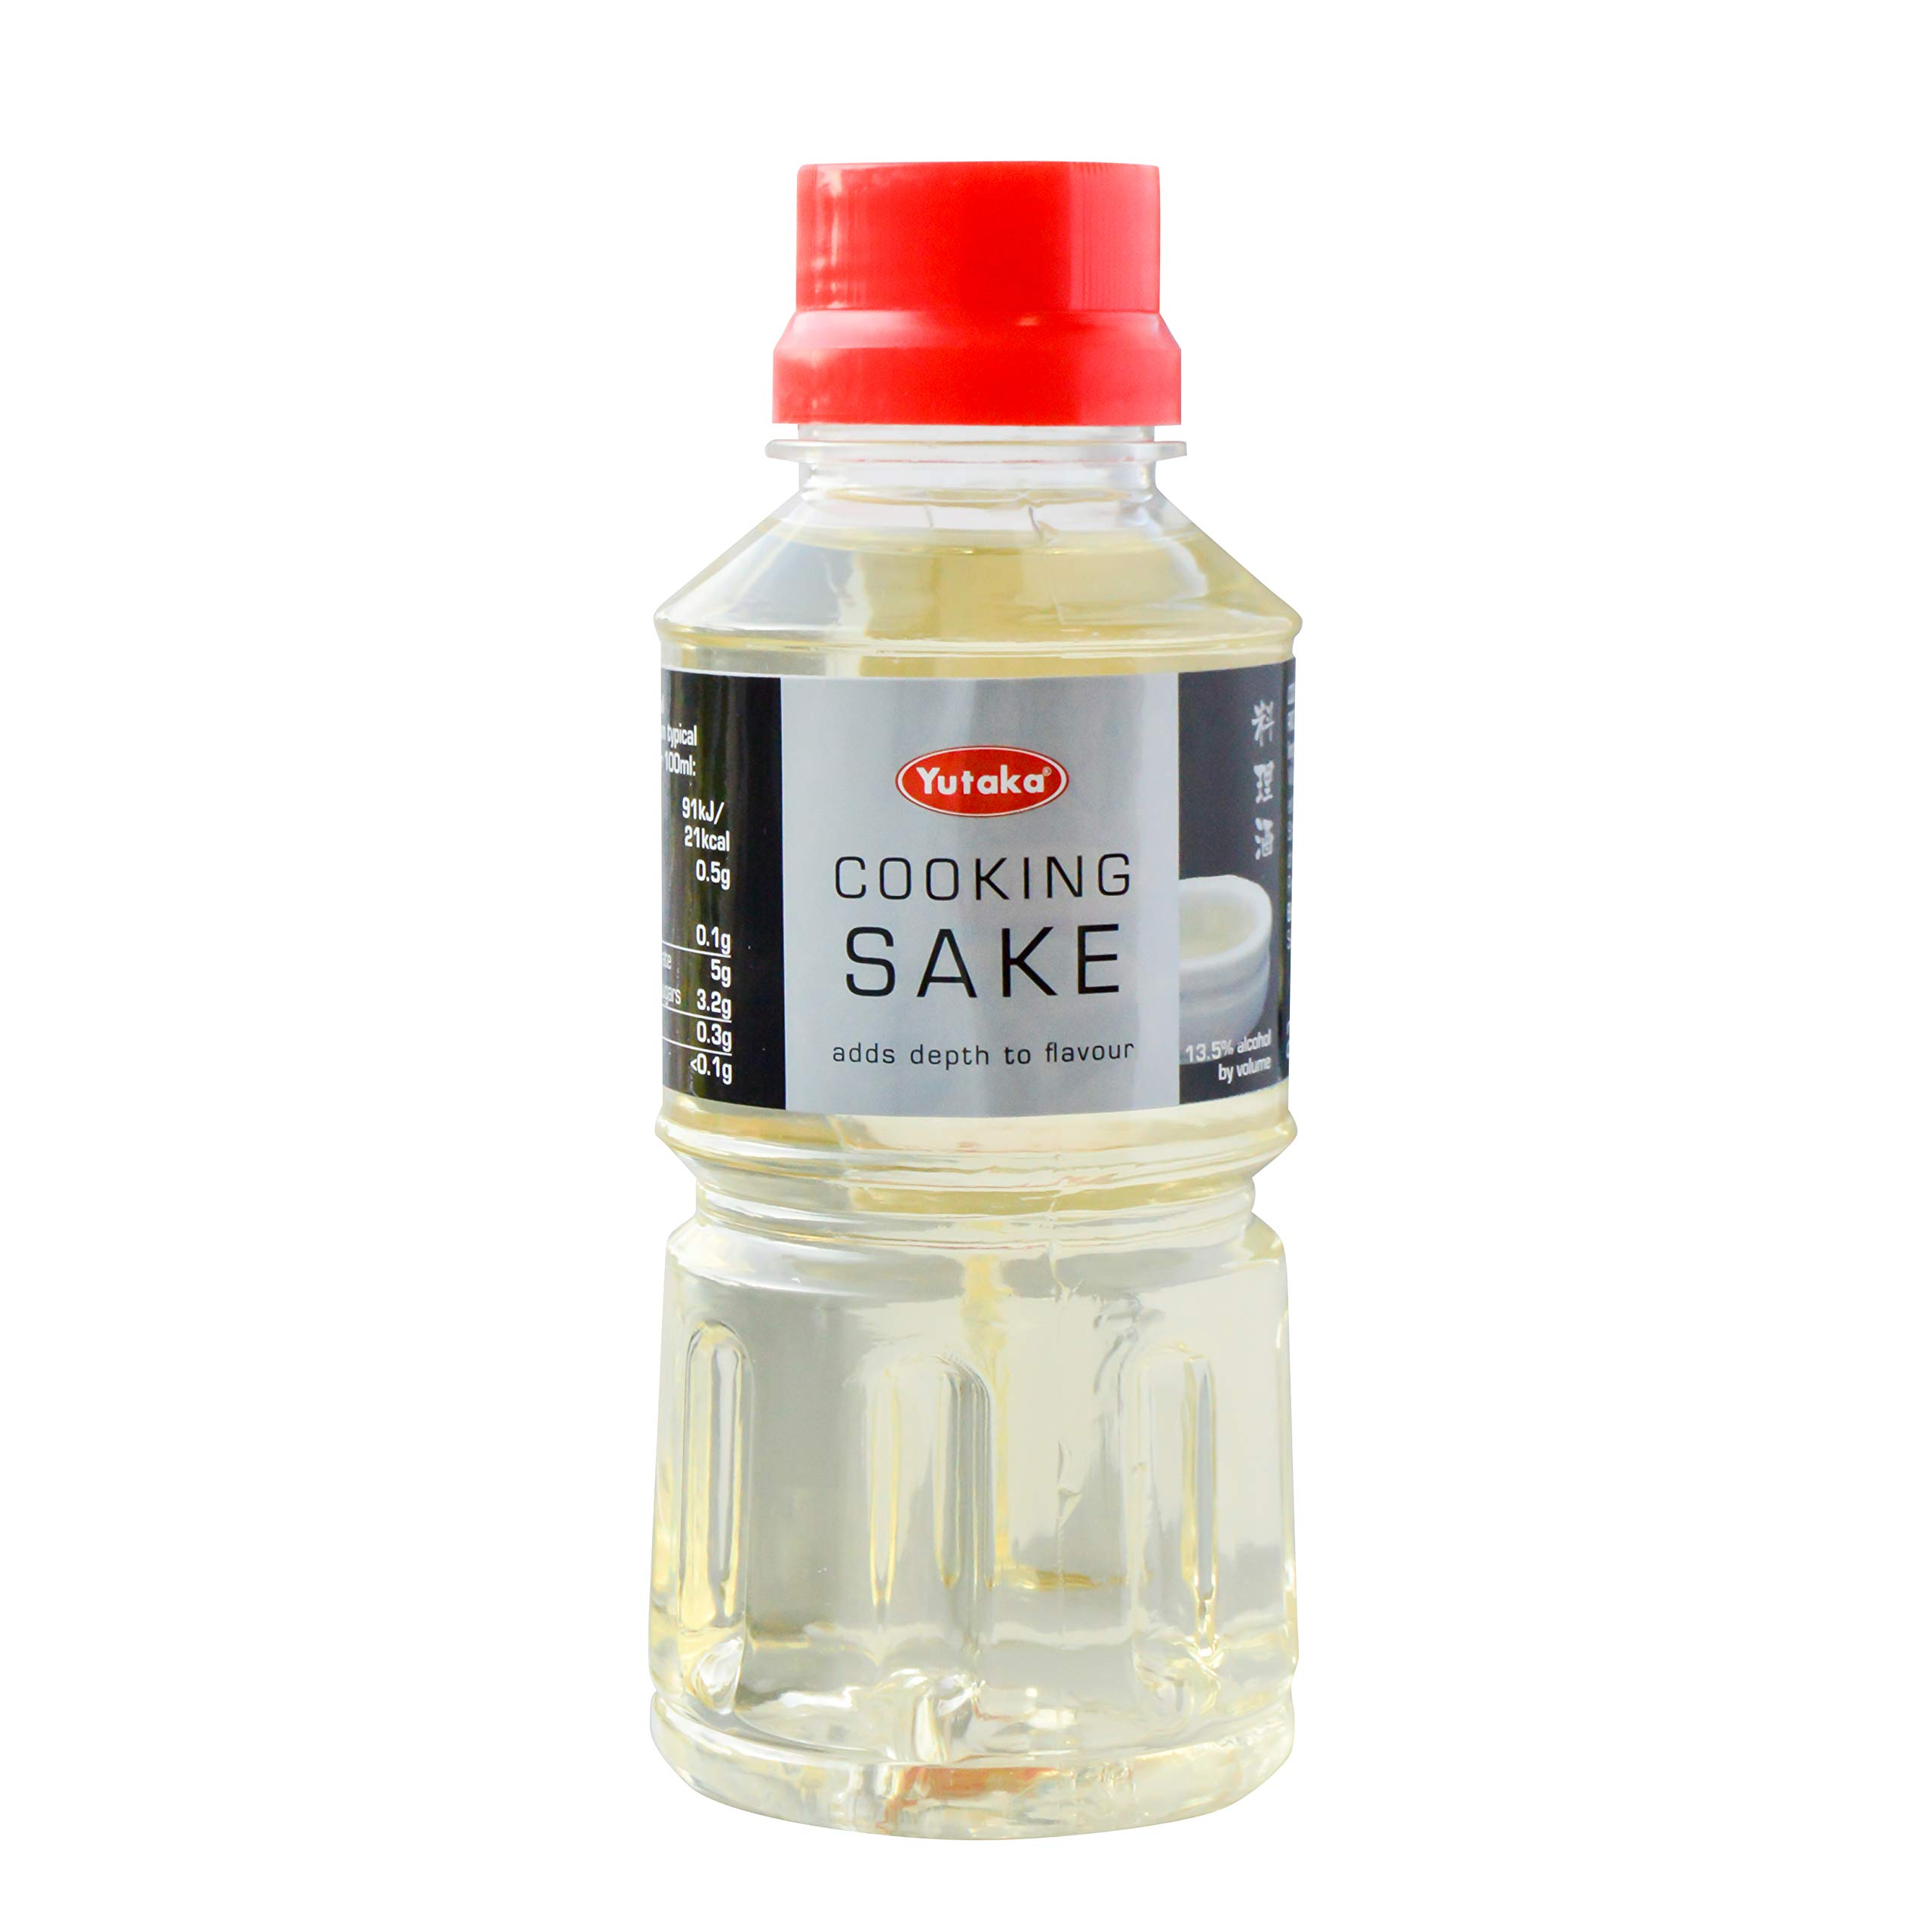 Yutaka Cooking Sake 200ml (Pack of 1)